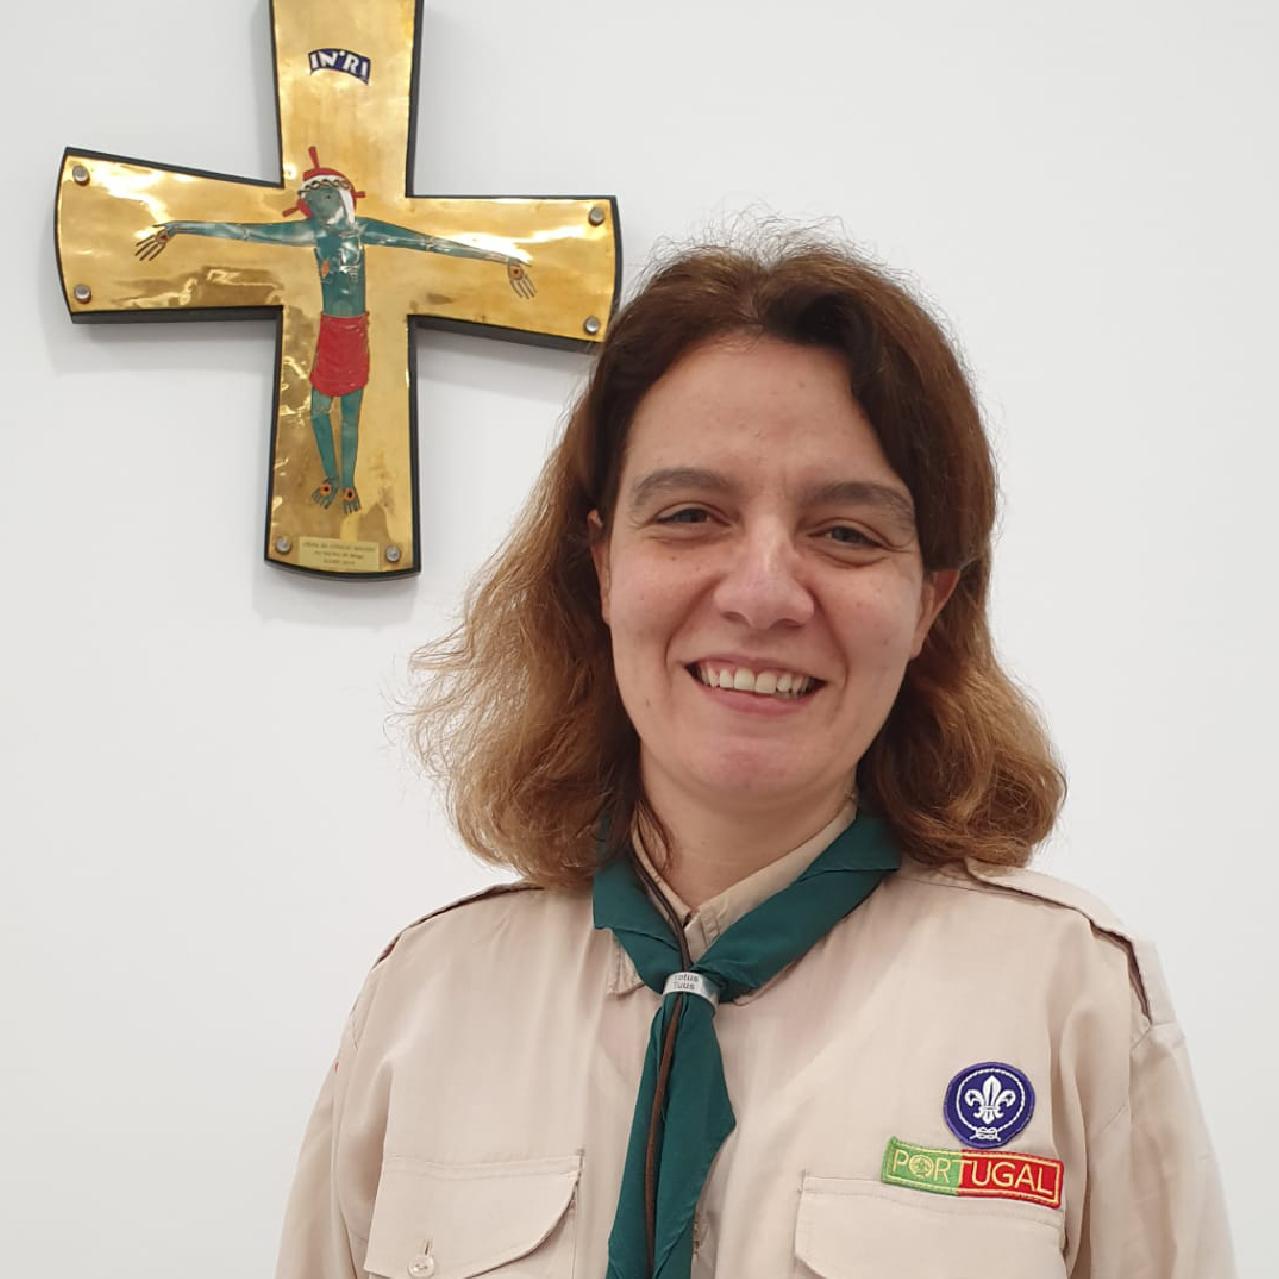 Joana Cunha